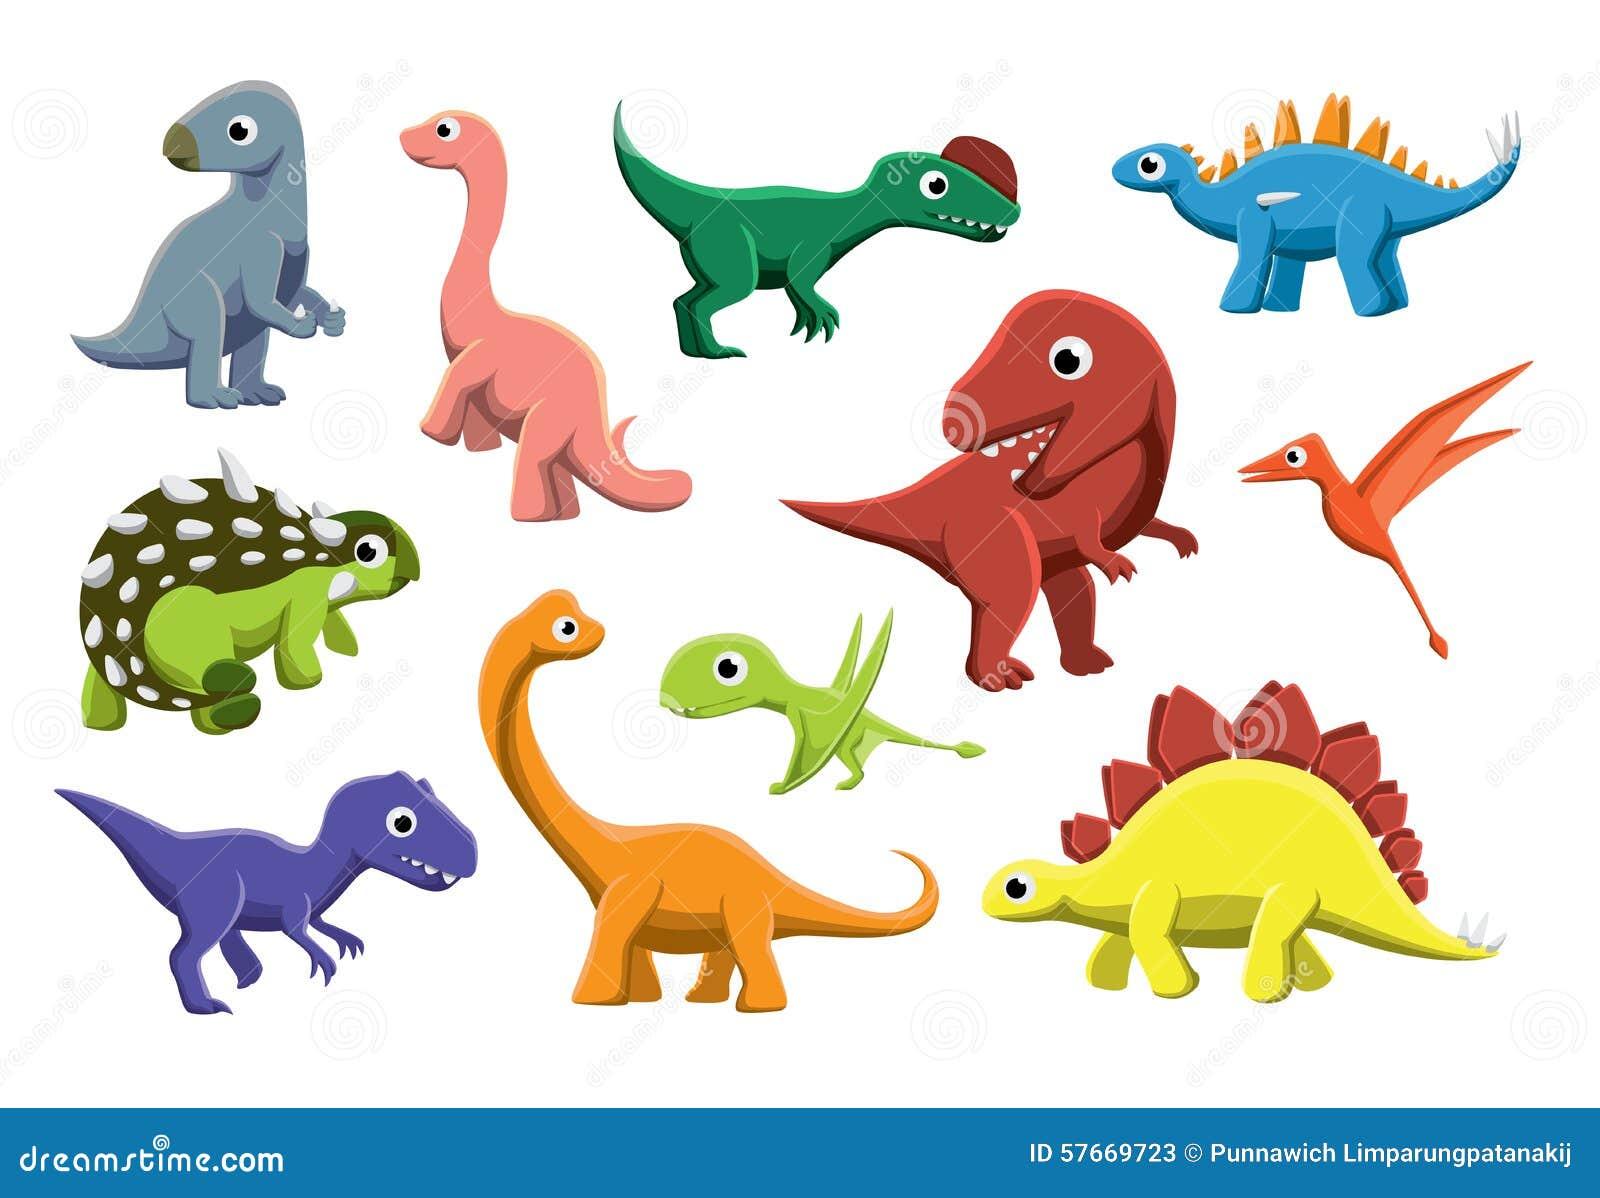 Zoológico De Animais Bebê Dos Desenhos Animados Vetor: Ilustração Jurássico Do Vetor Dos Desenhos Animados Dos